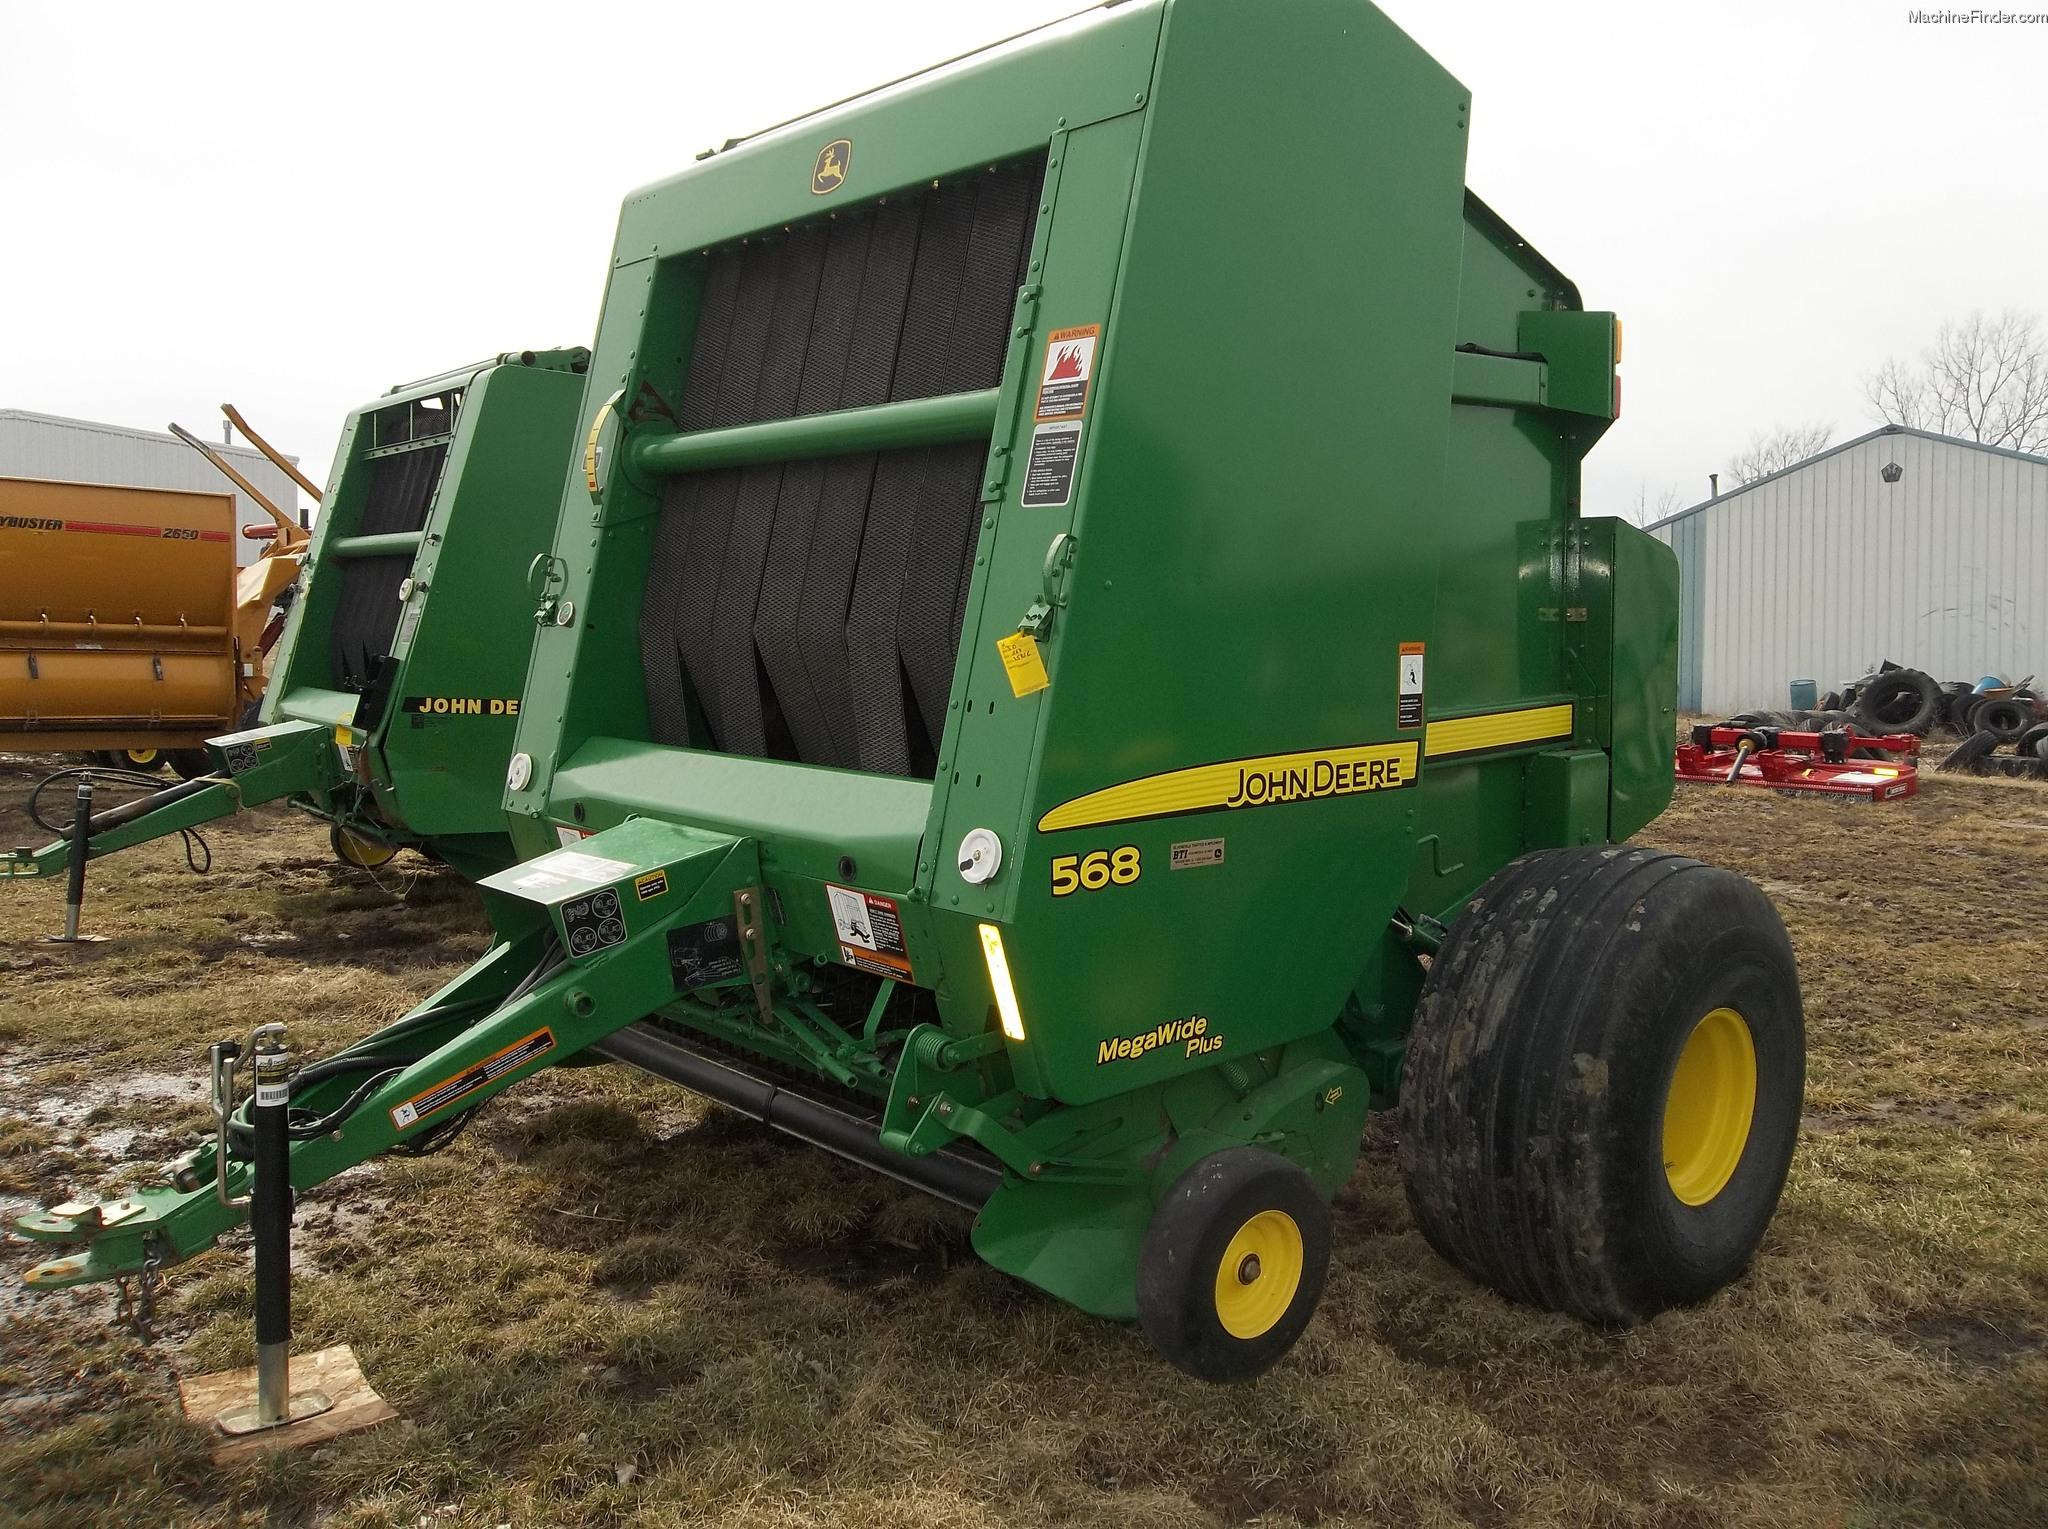 2009 John Deere 568 Hay Equipment - Round Balers - John ...